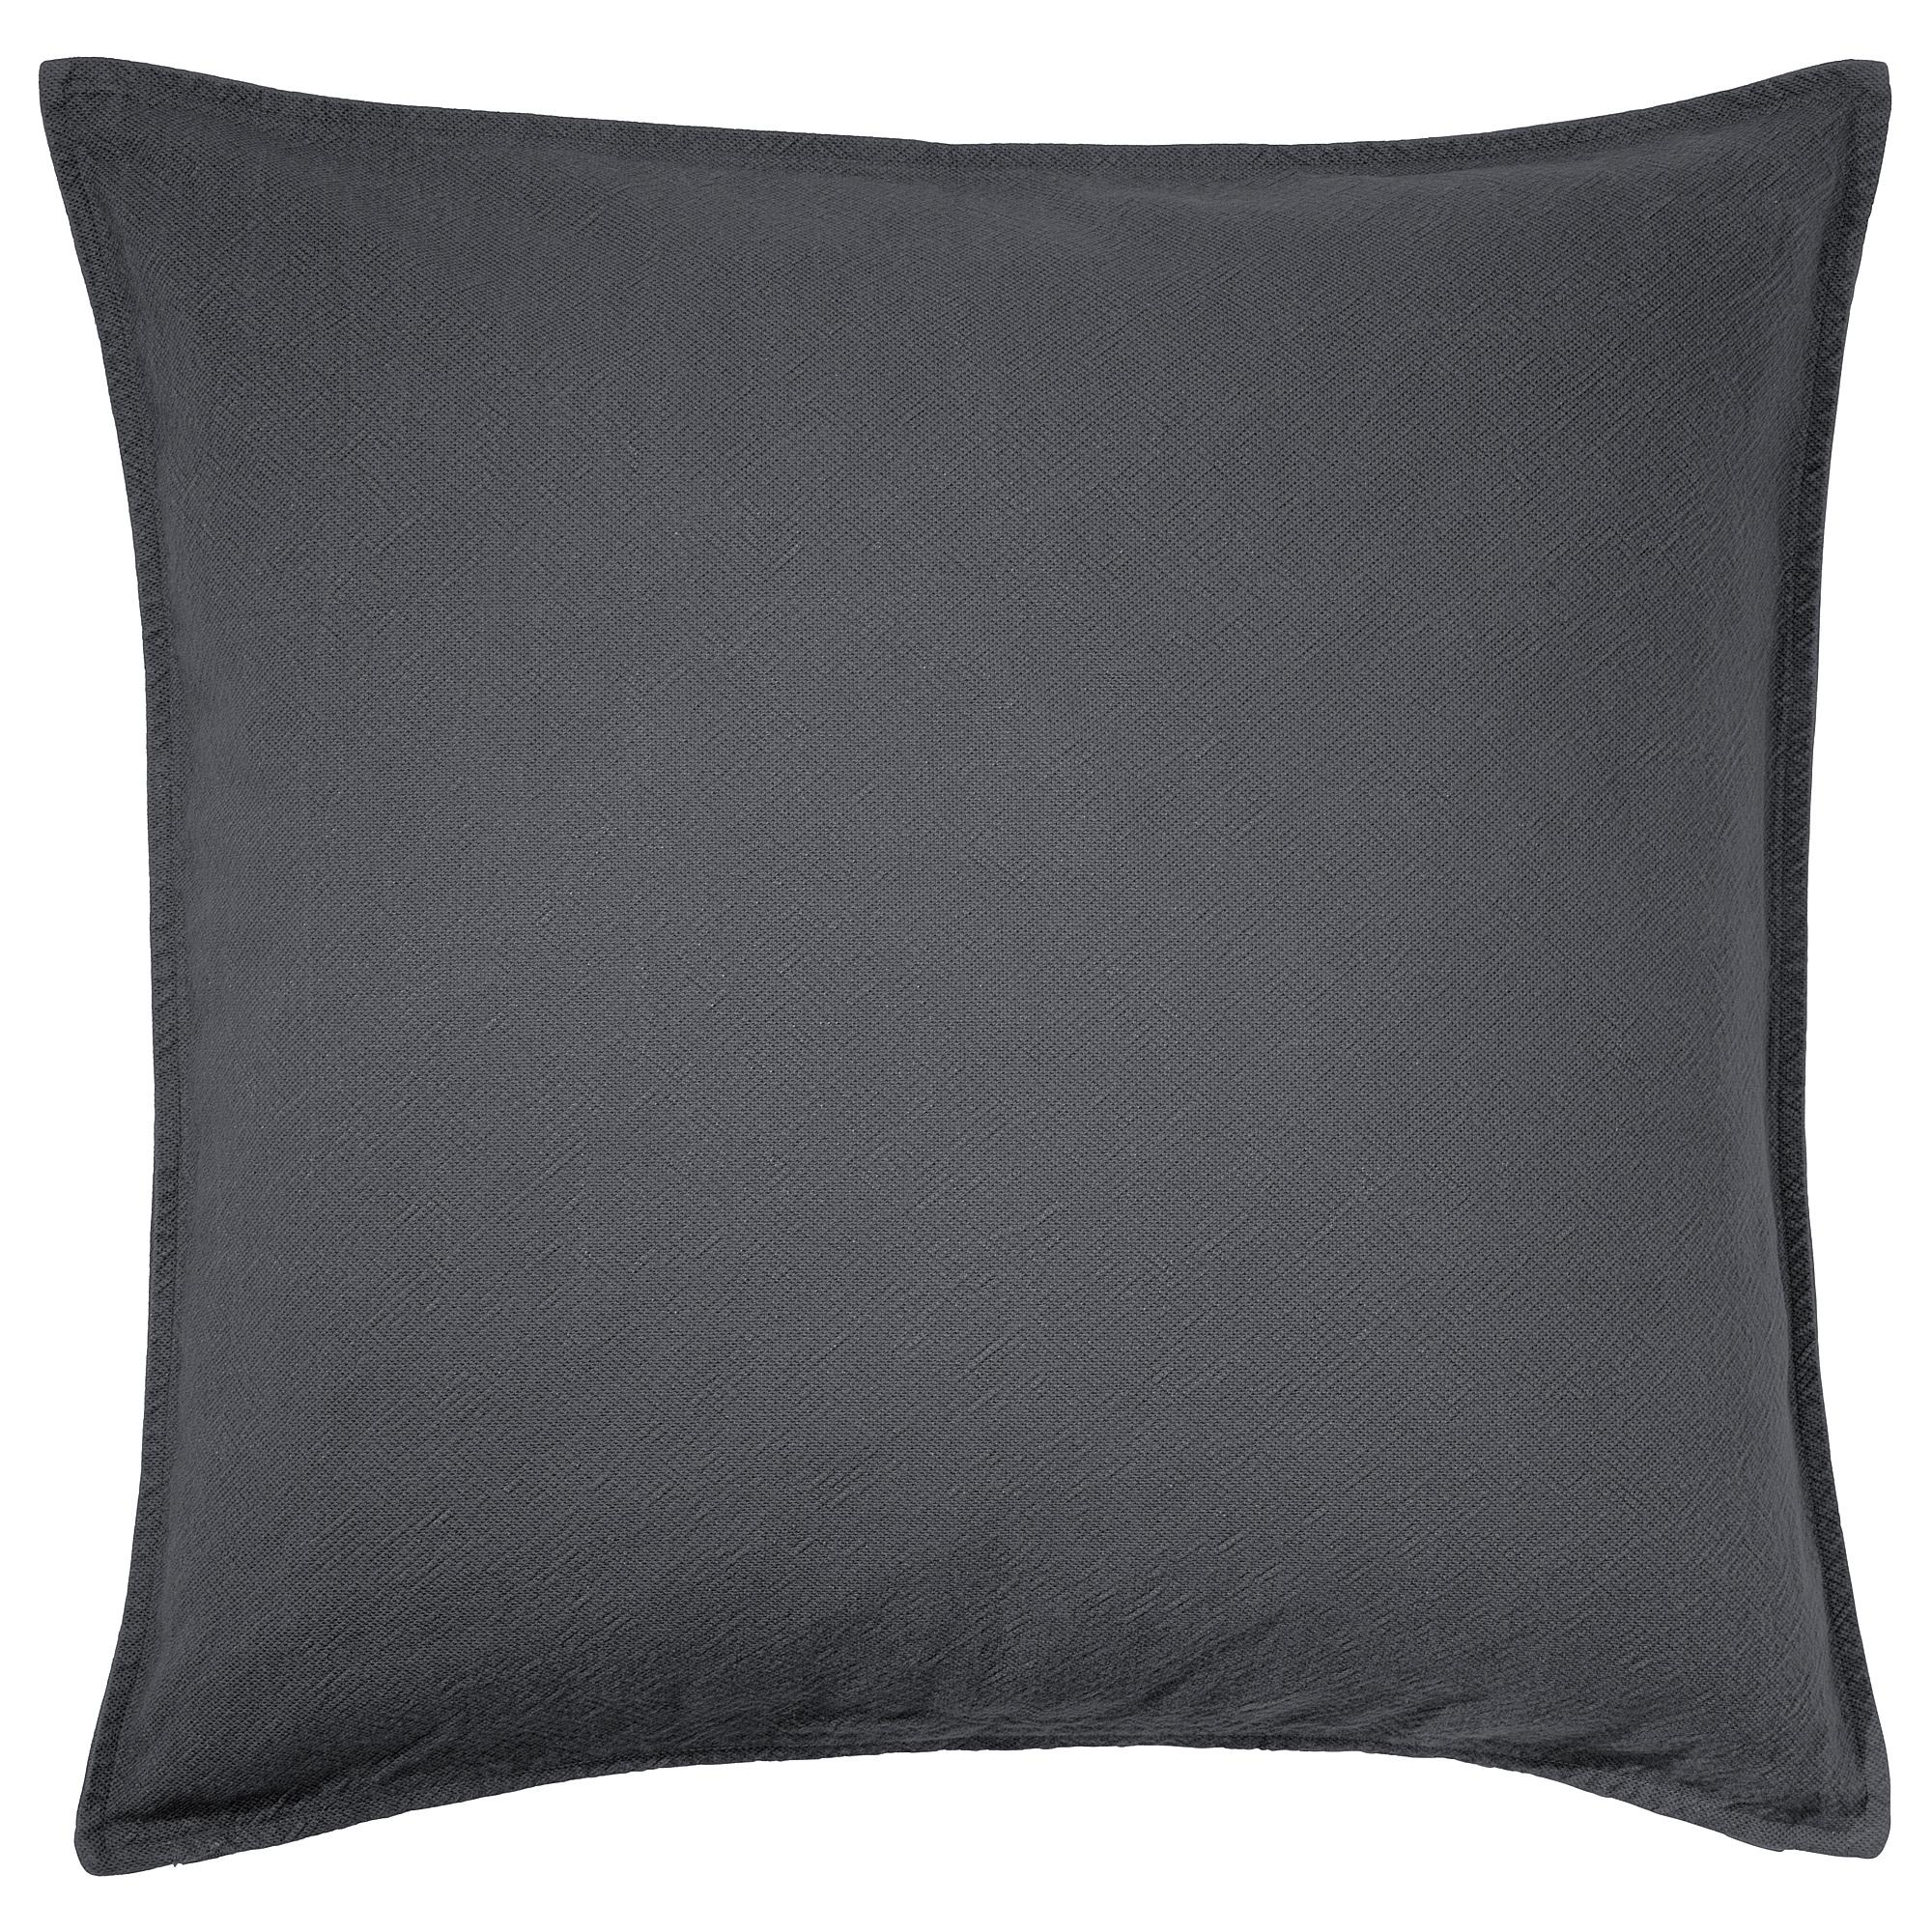 Чехол на подушку ЙОФРИД сине-серый темный артикуль № 203.957.79 в наличии. Online сайт IKEA Минск. Быстрая доставка и соборка.